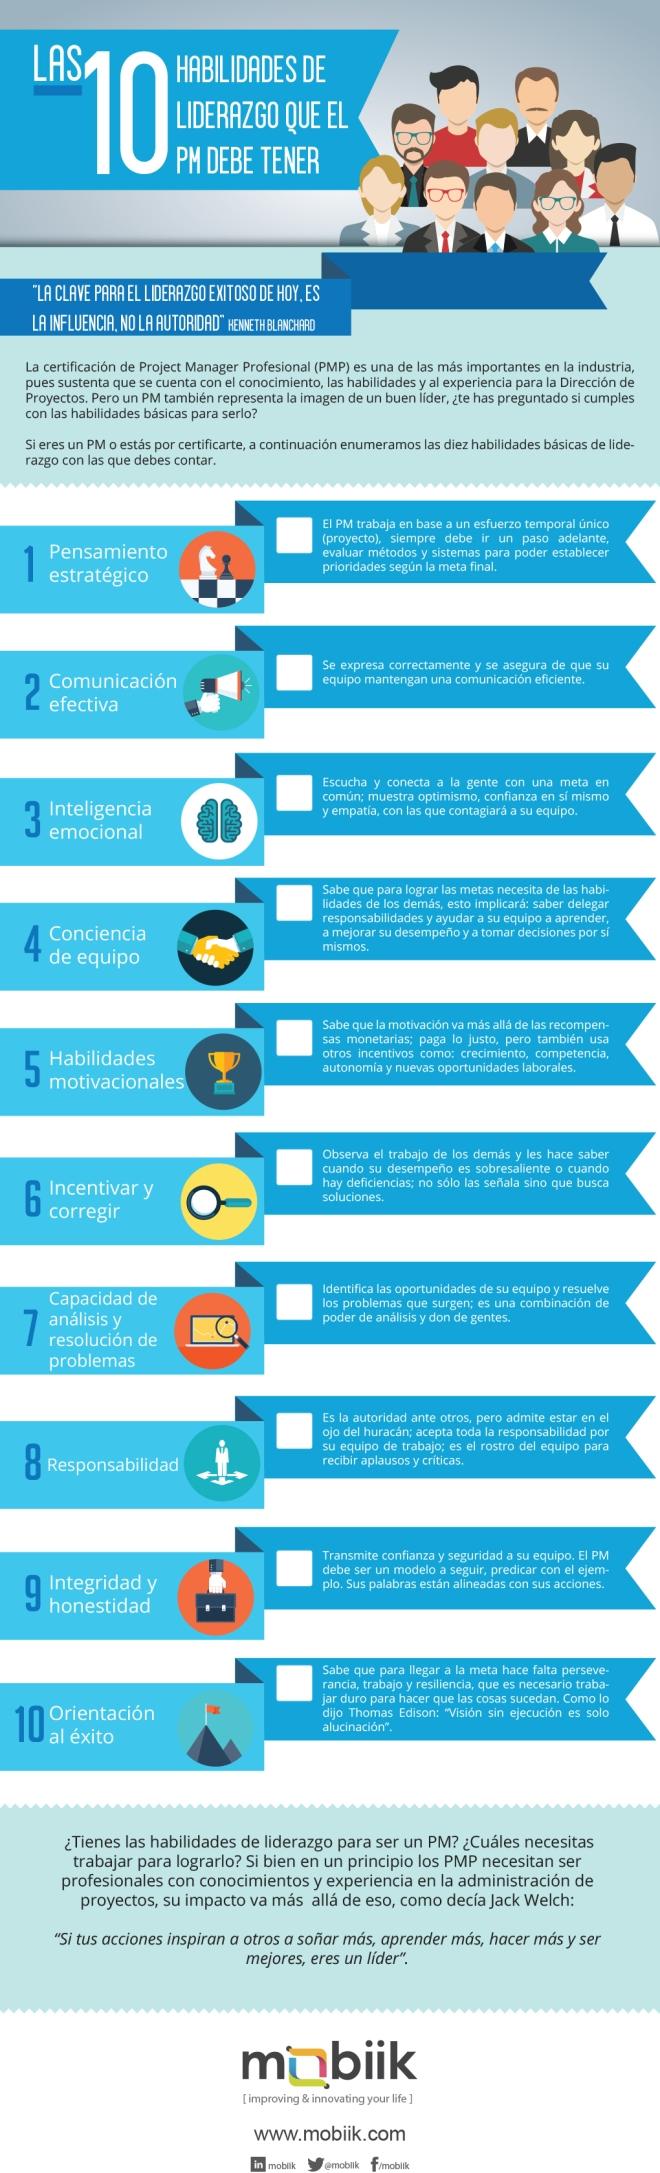 10 habilidades de liderazgo que un Project Manager debe tener